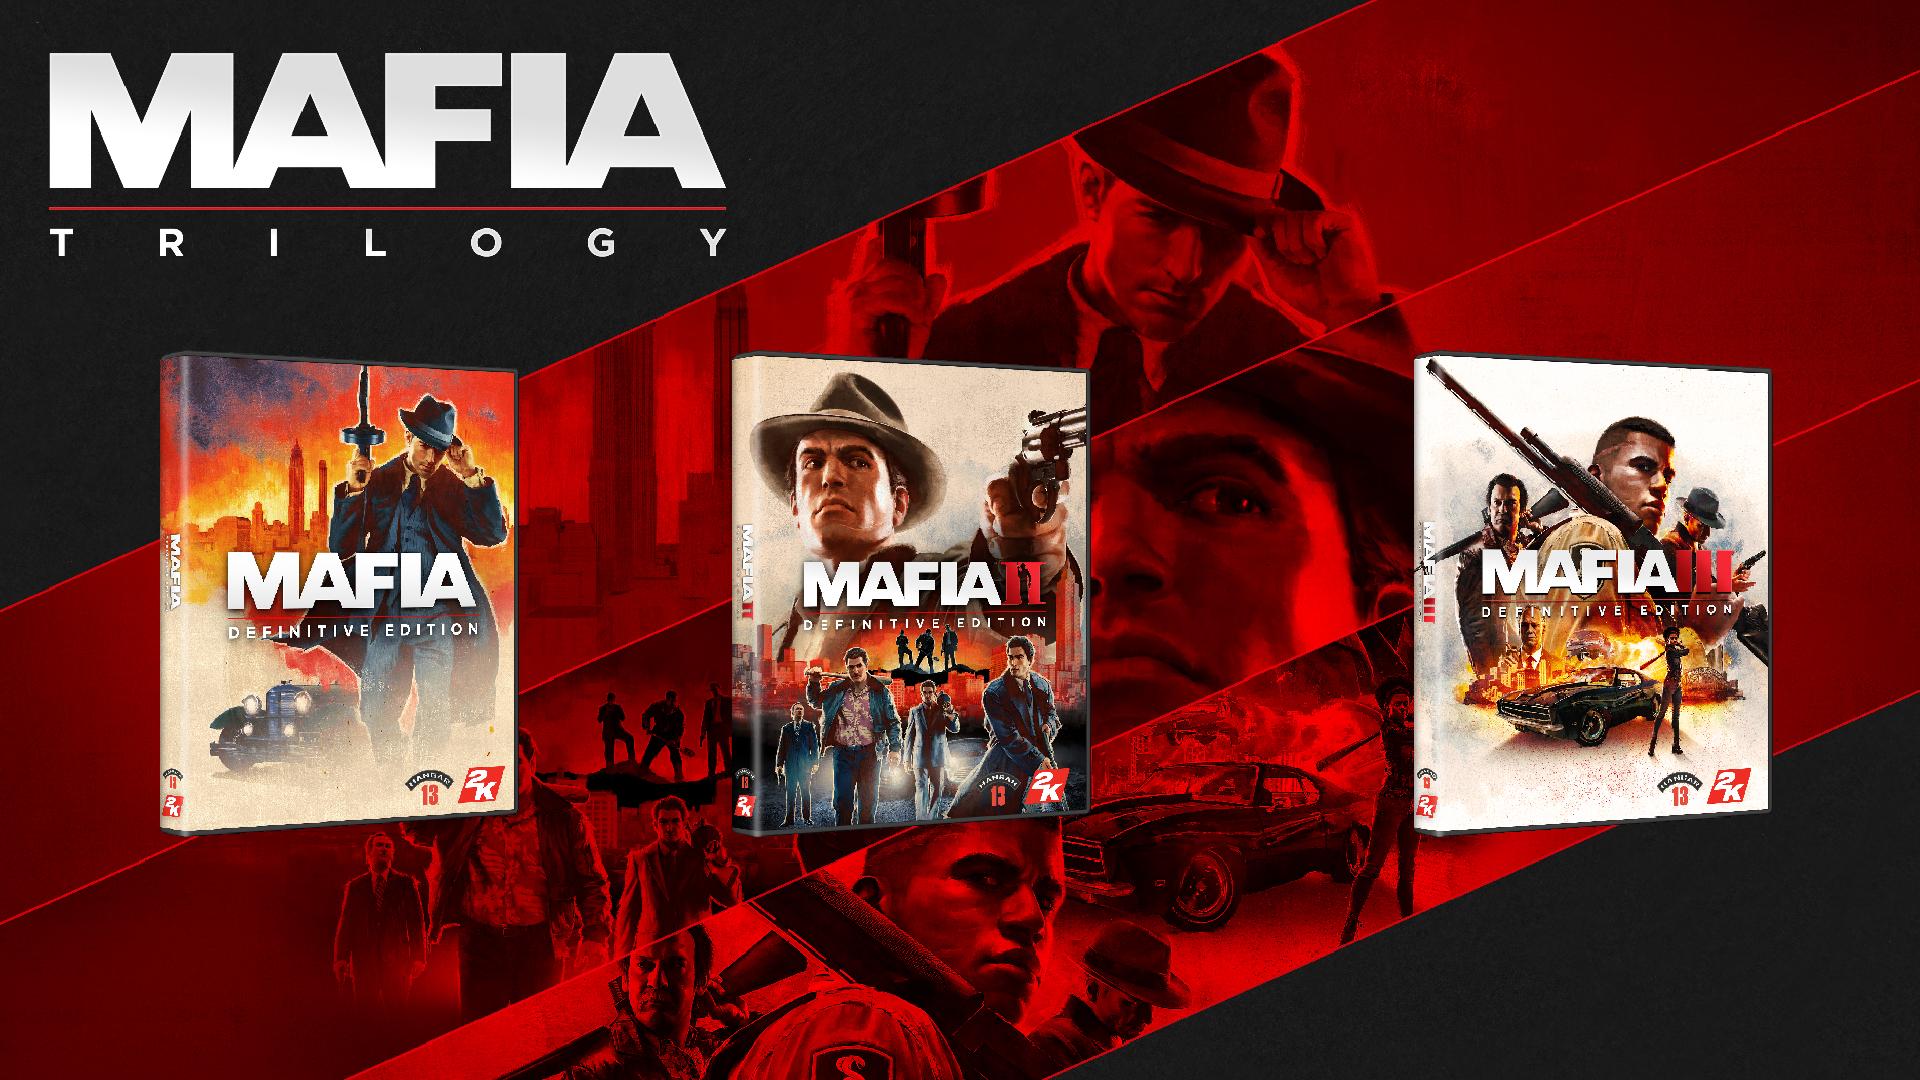 Трилогию переизданий Mafia можно приобрести за 750 рублей для Steam / EGS на выбор